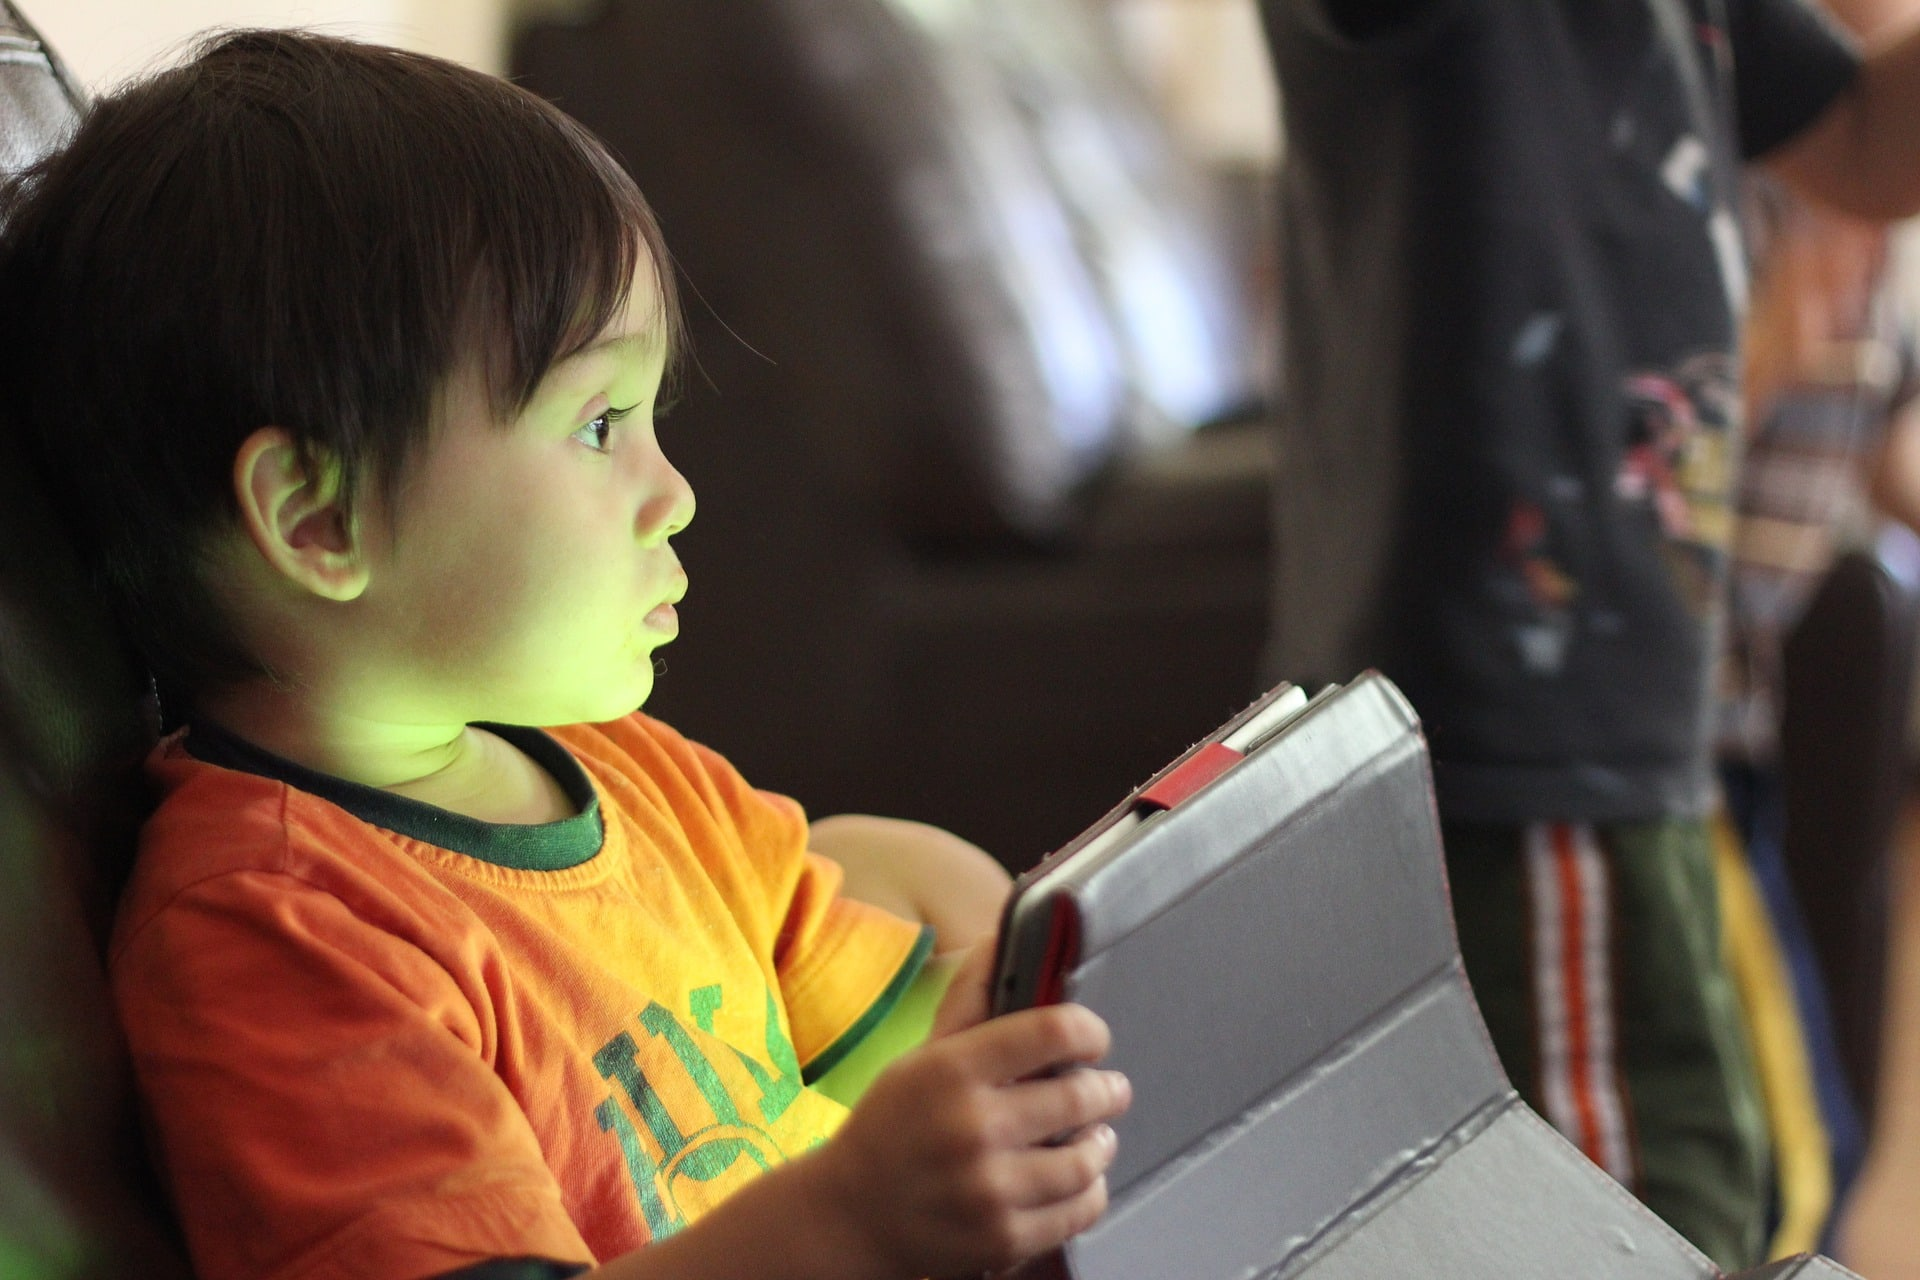 Dan varne rabe interneta: Kaj morajo vedeti starši o varstvu otrok na spletu?